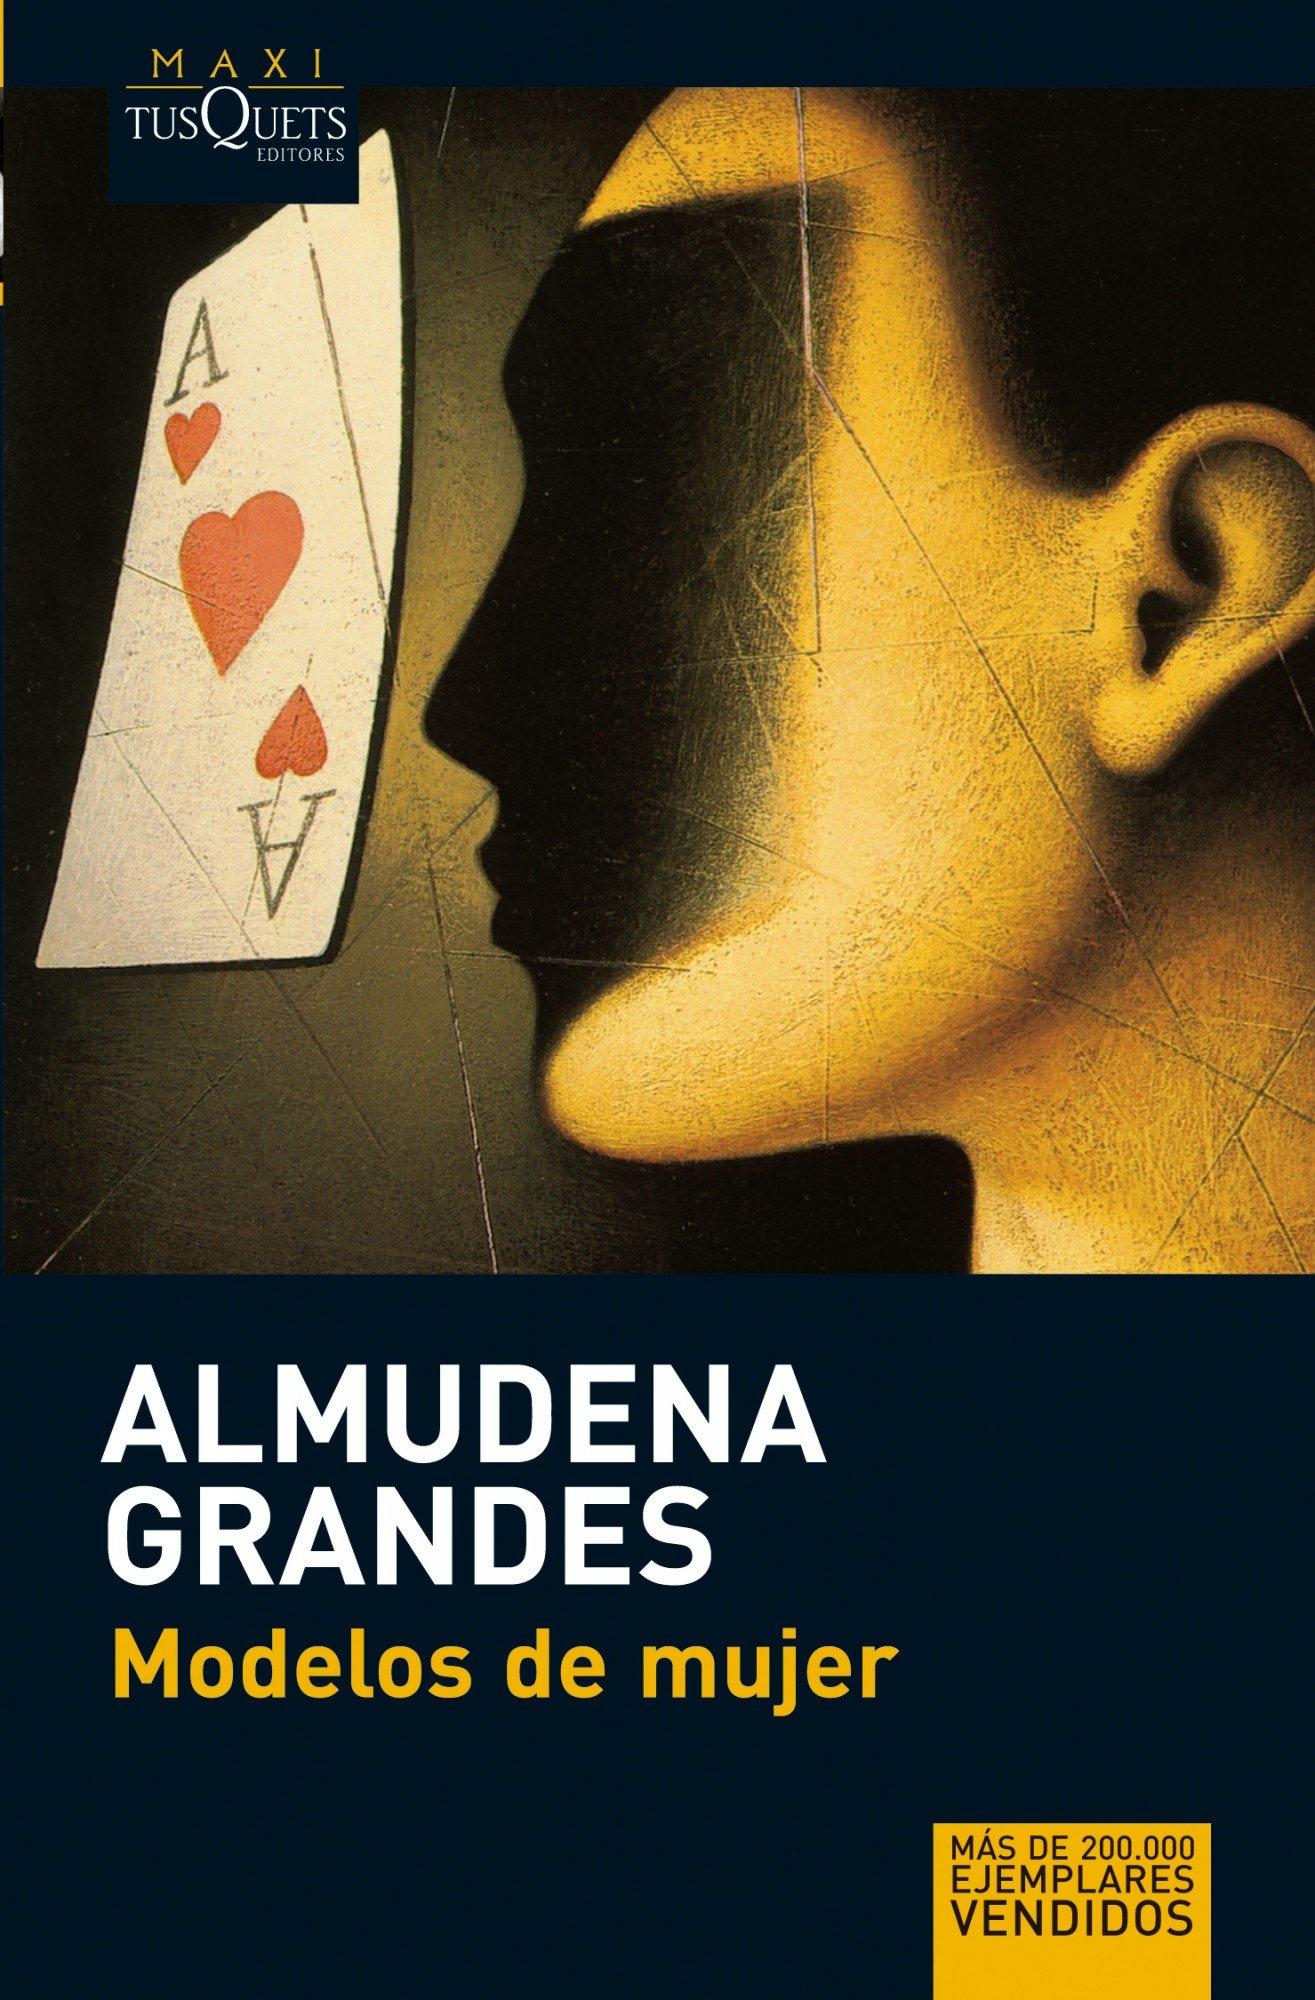 Modelos de mujer (MAXI): Amazon.es: Grandes, Almudena: Libros